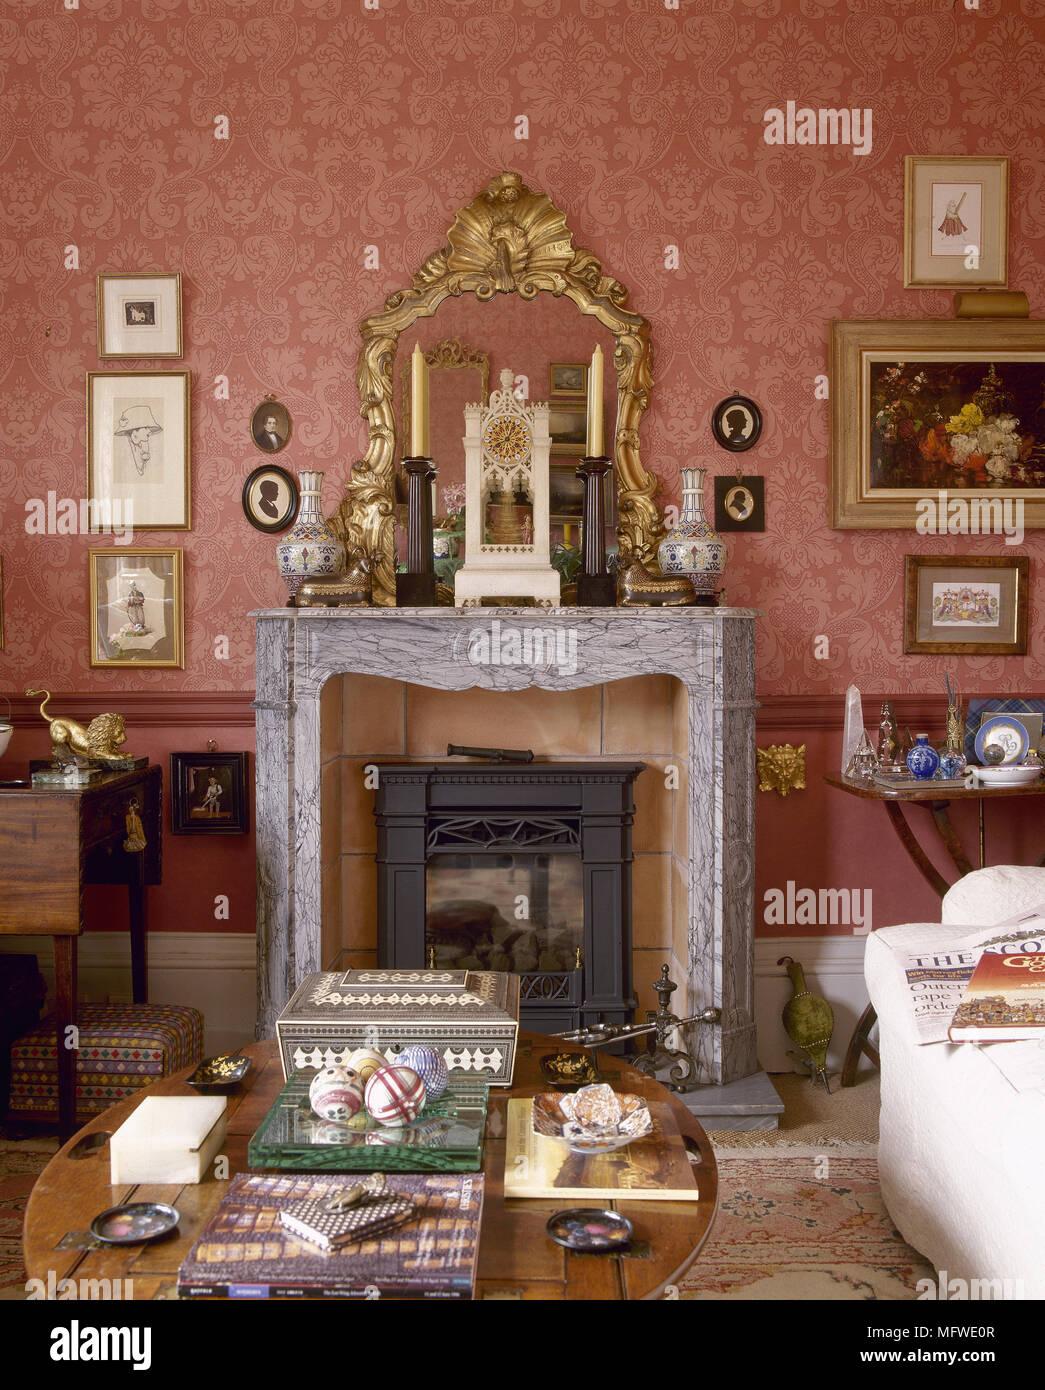 salon rouge avec papier peint motif et chemin e en marbre avec miroir dor au dessus banque d. Black Bedroom Furniture Sets. Home Design Ideas